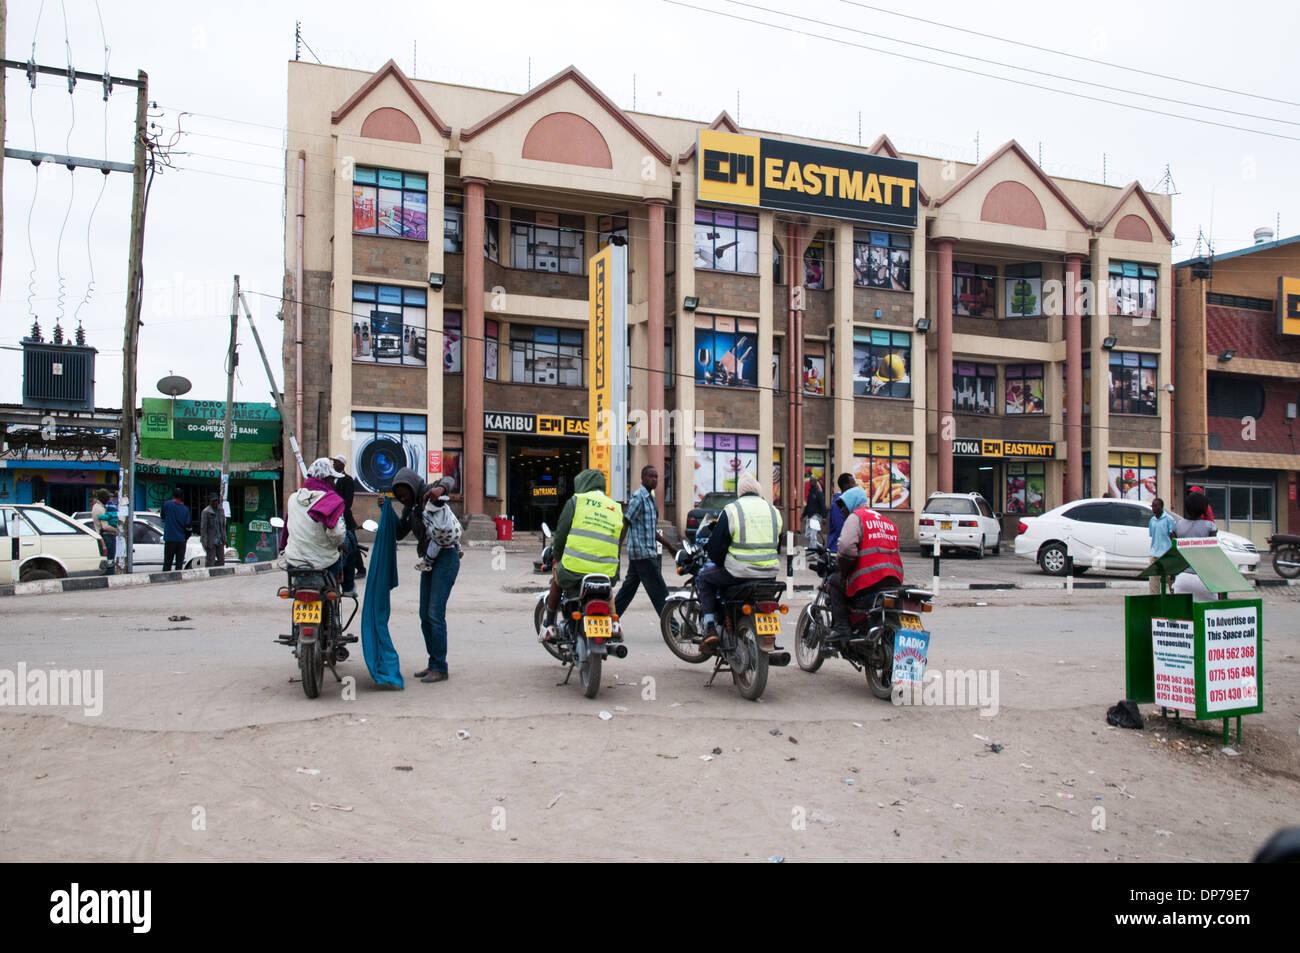 Ciclo del motor taxis esperan a clientes en Eastmatt supermercado en Nairobi Namanga Road Kaijado África Kenia Imagen De Stock